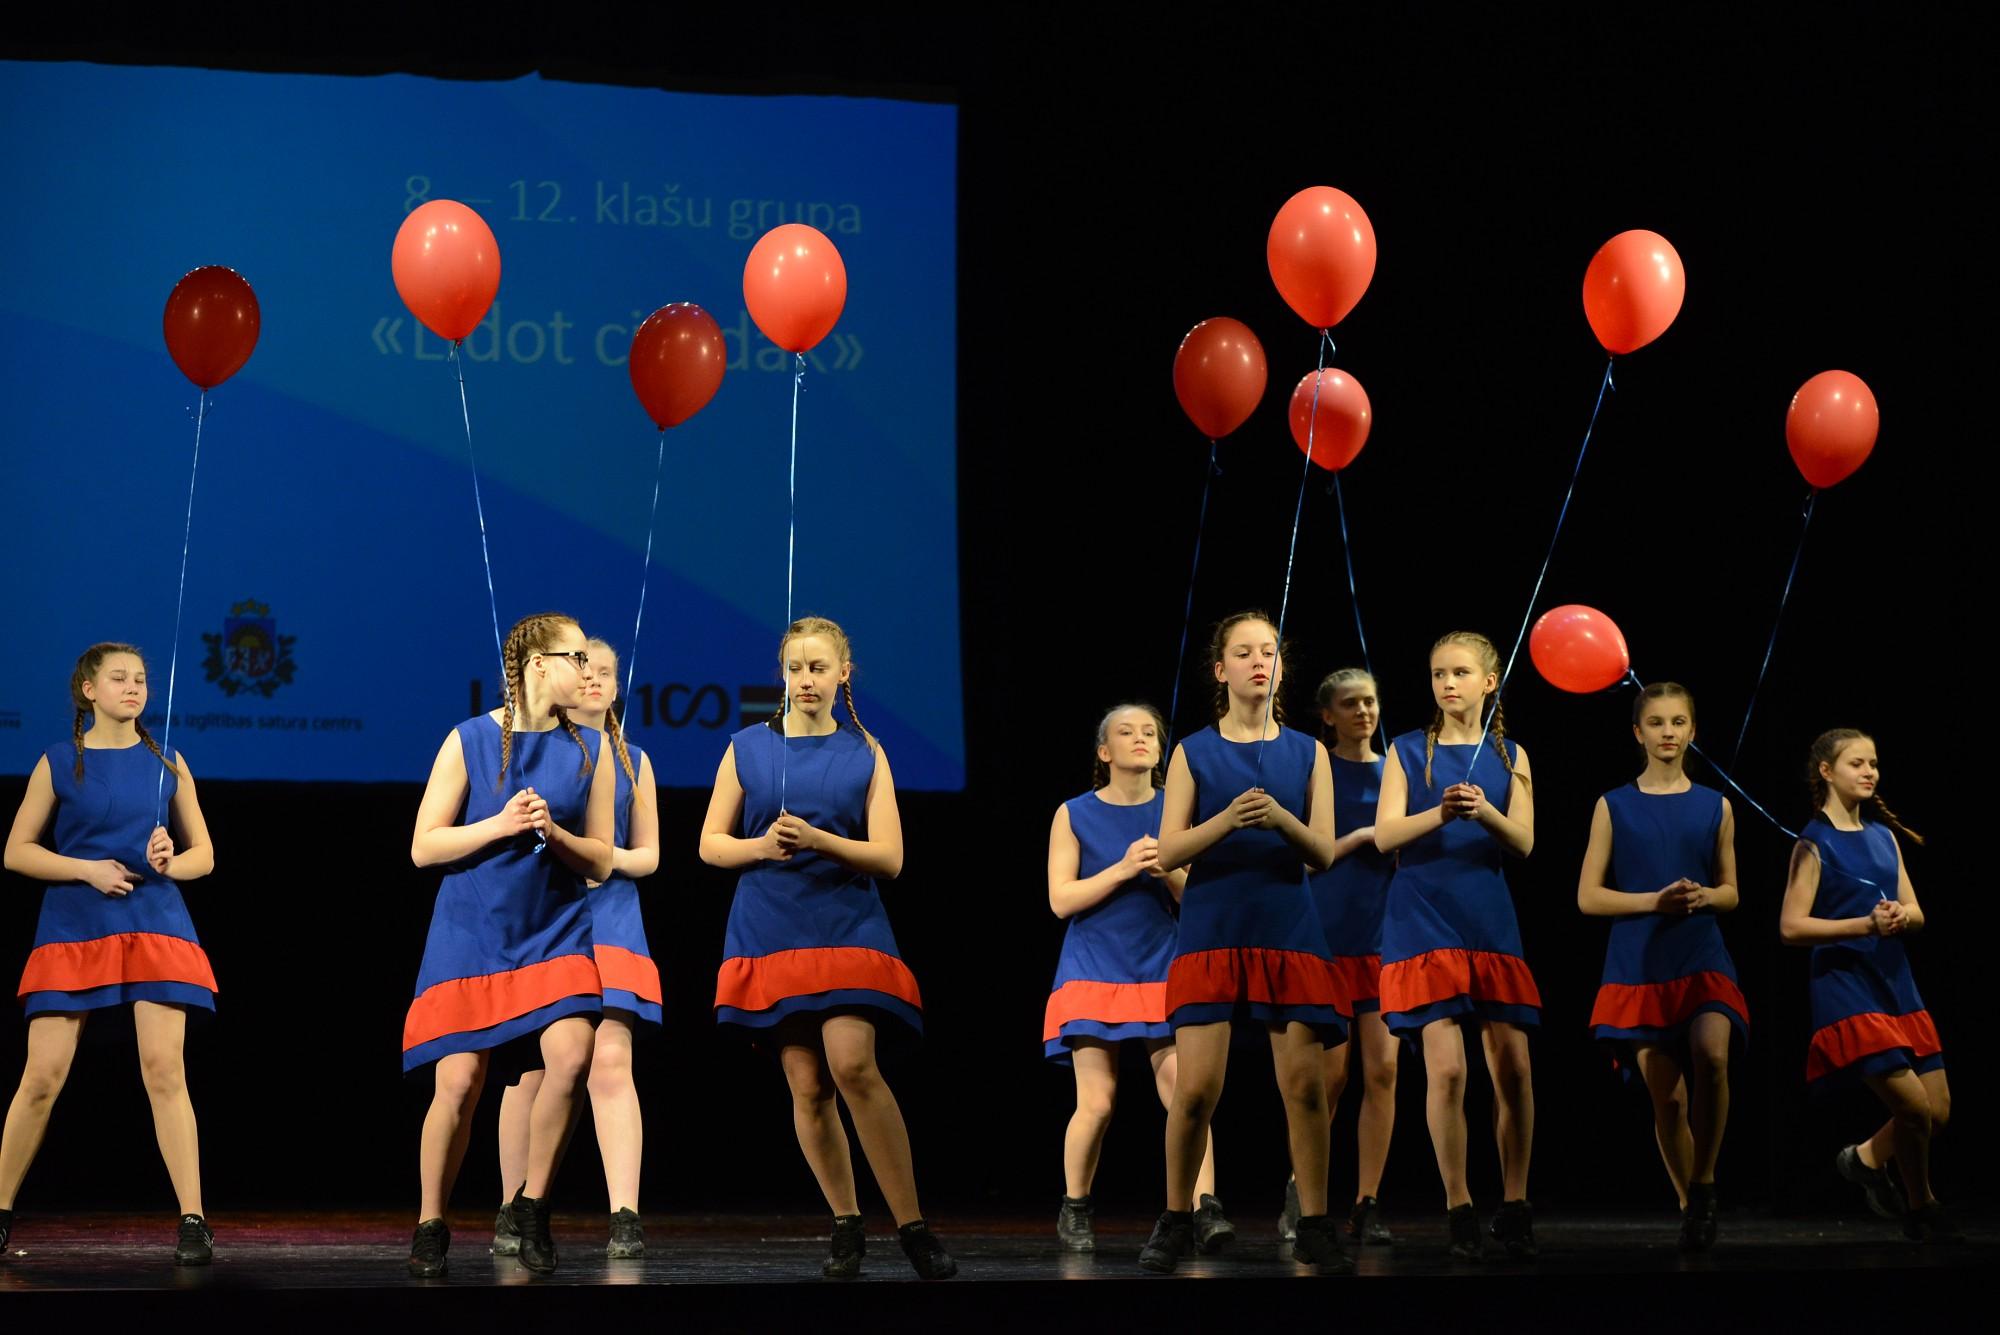 Состоялся конкурс современных танцев